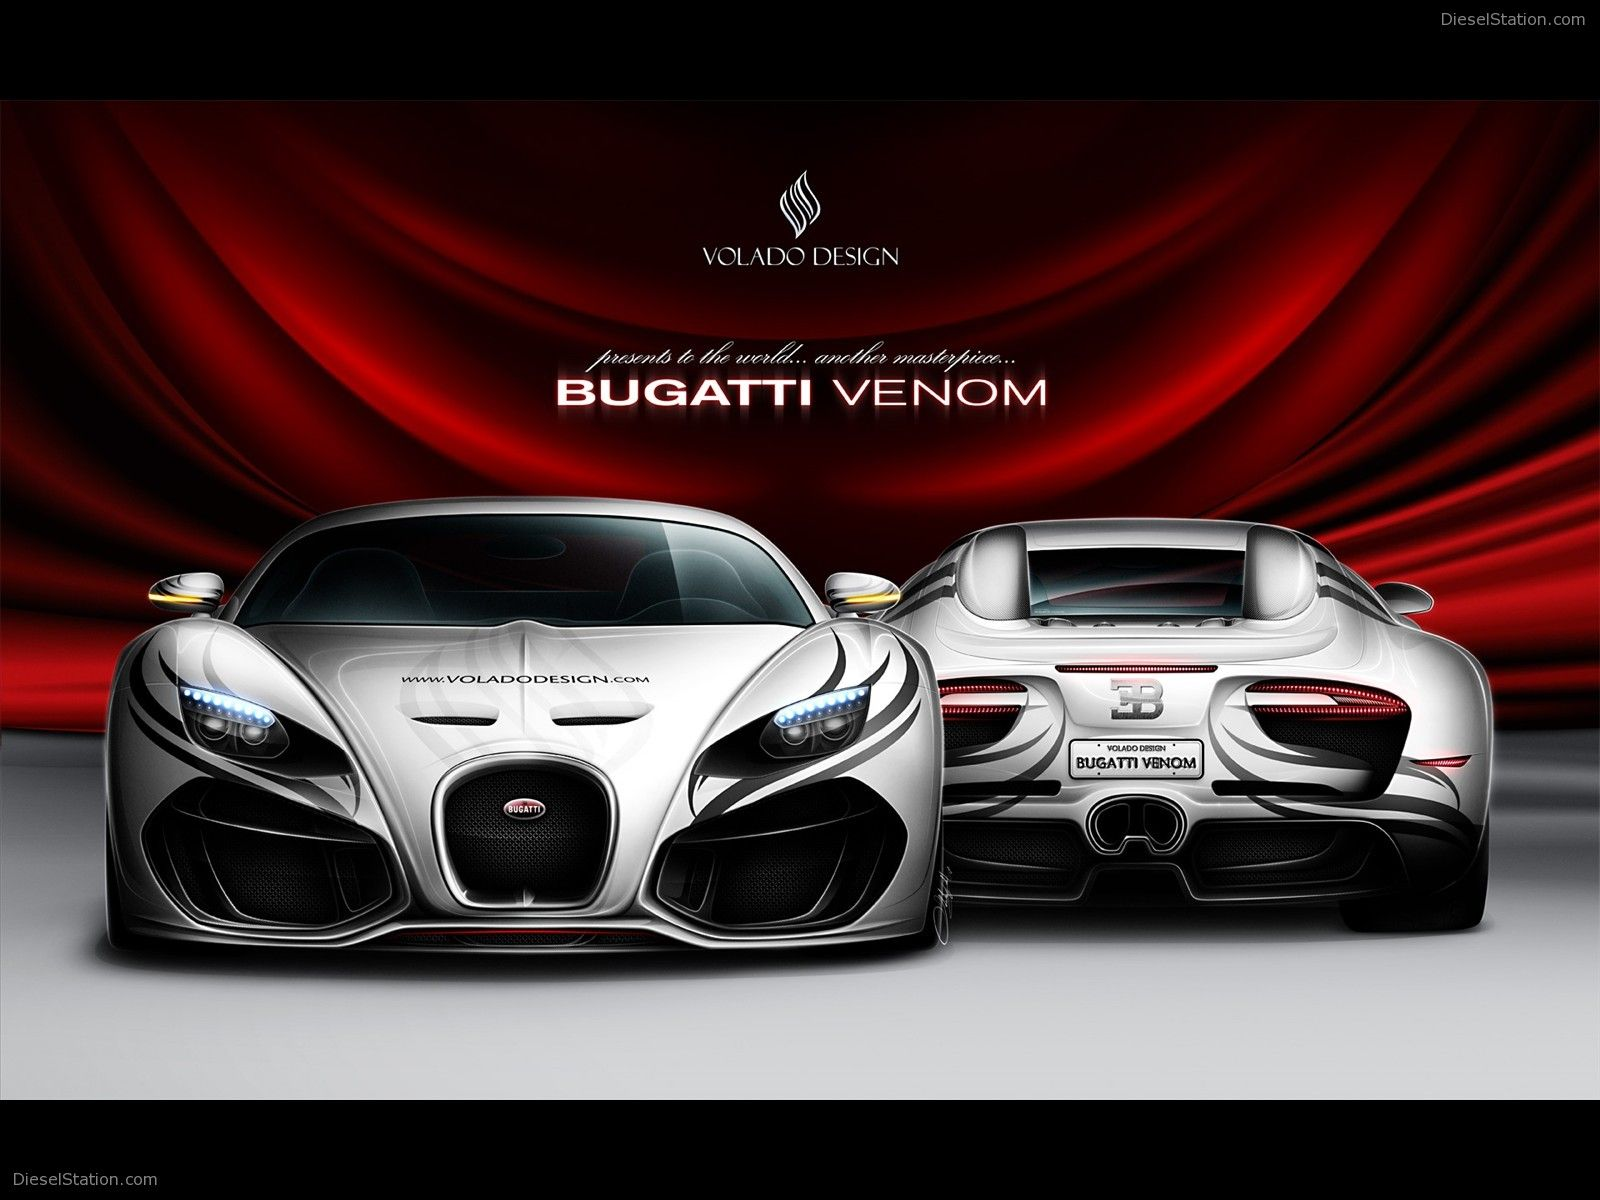 Bugatti Venom Concept By Volado Design With Images Bugatti